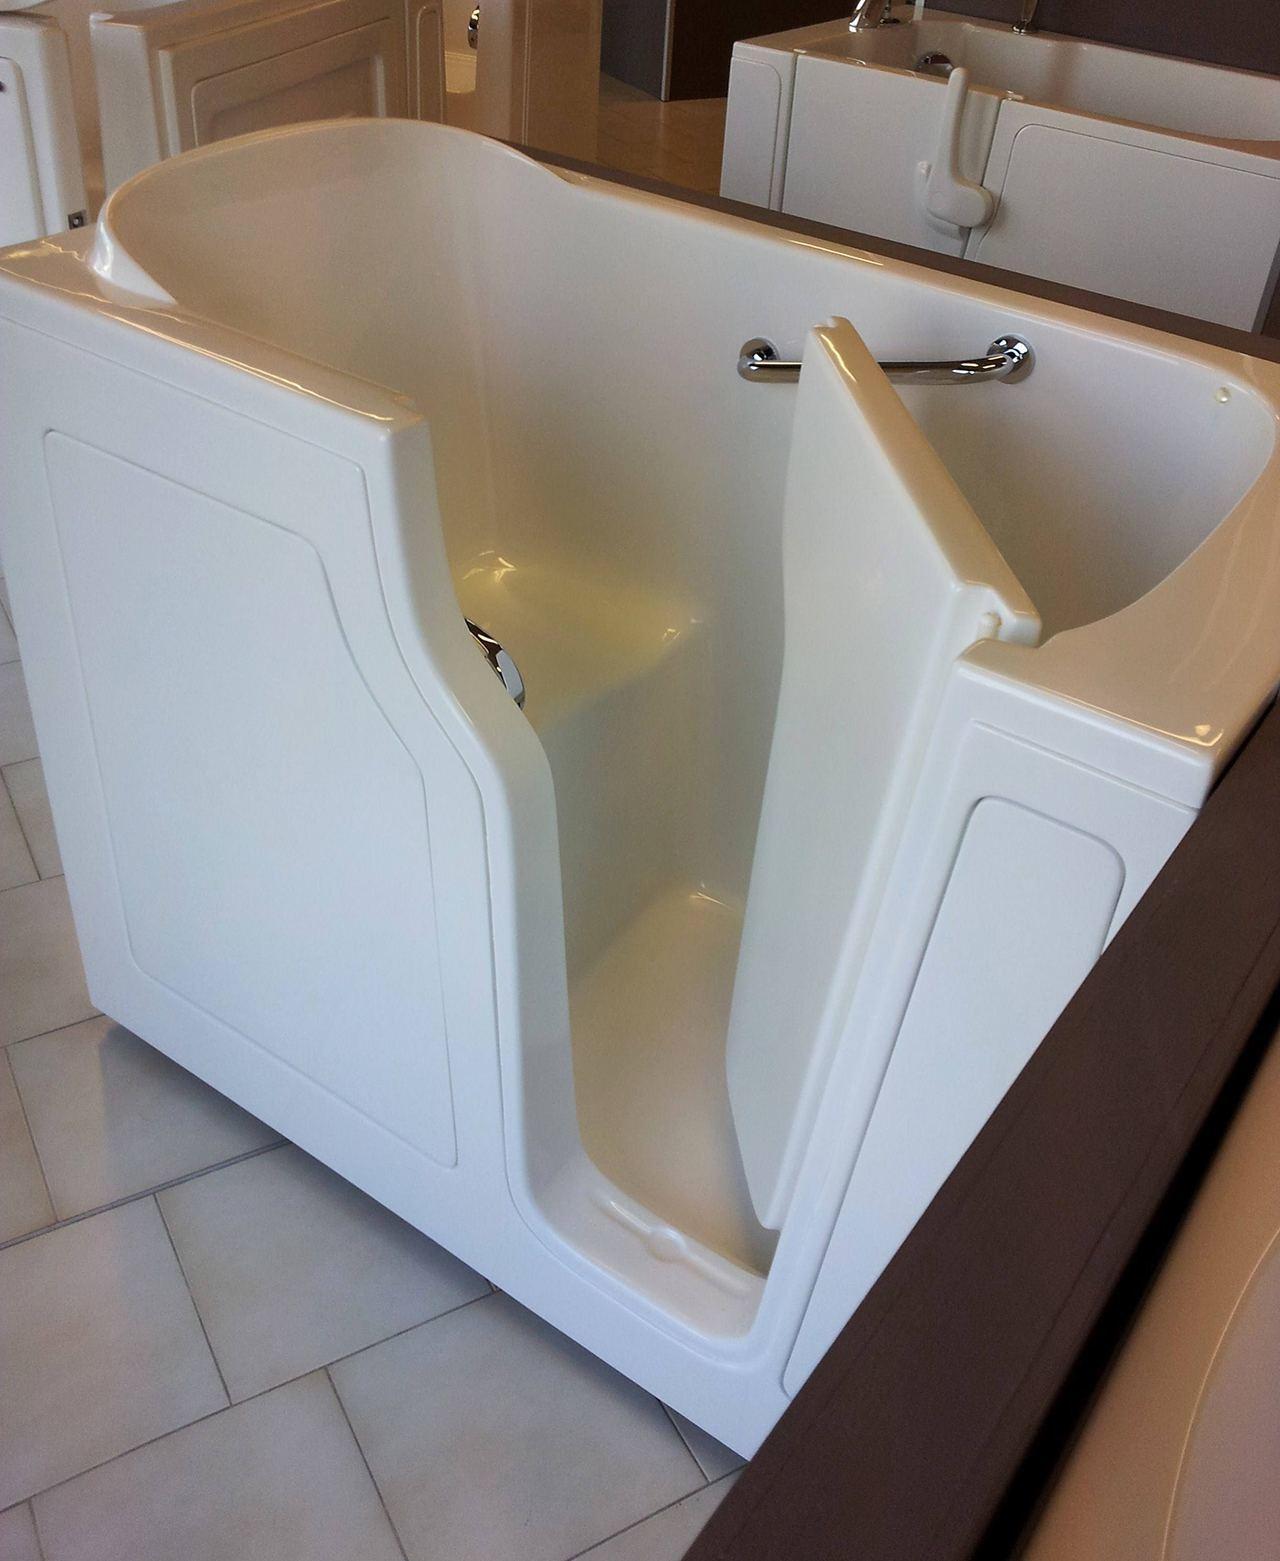 Vasca con porta brescia - Vasca bagno assistito ...